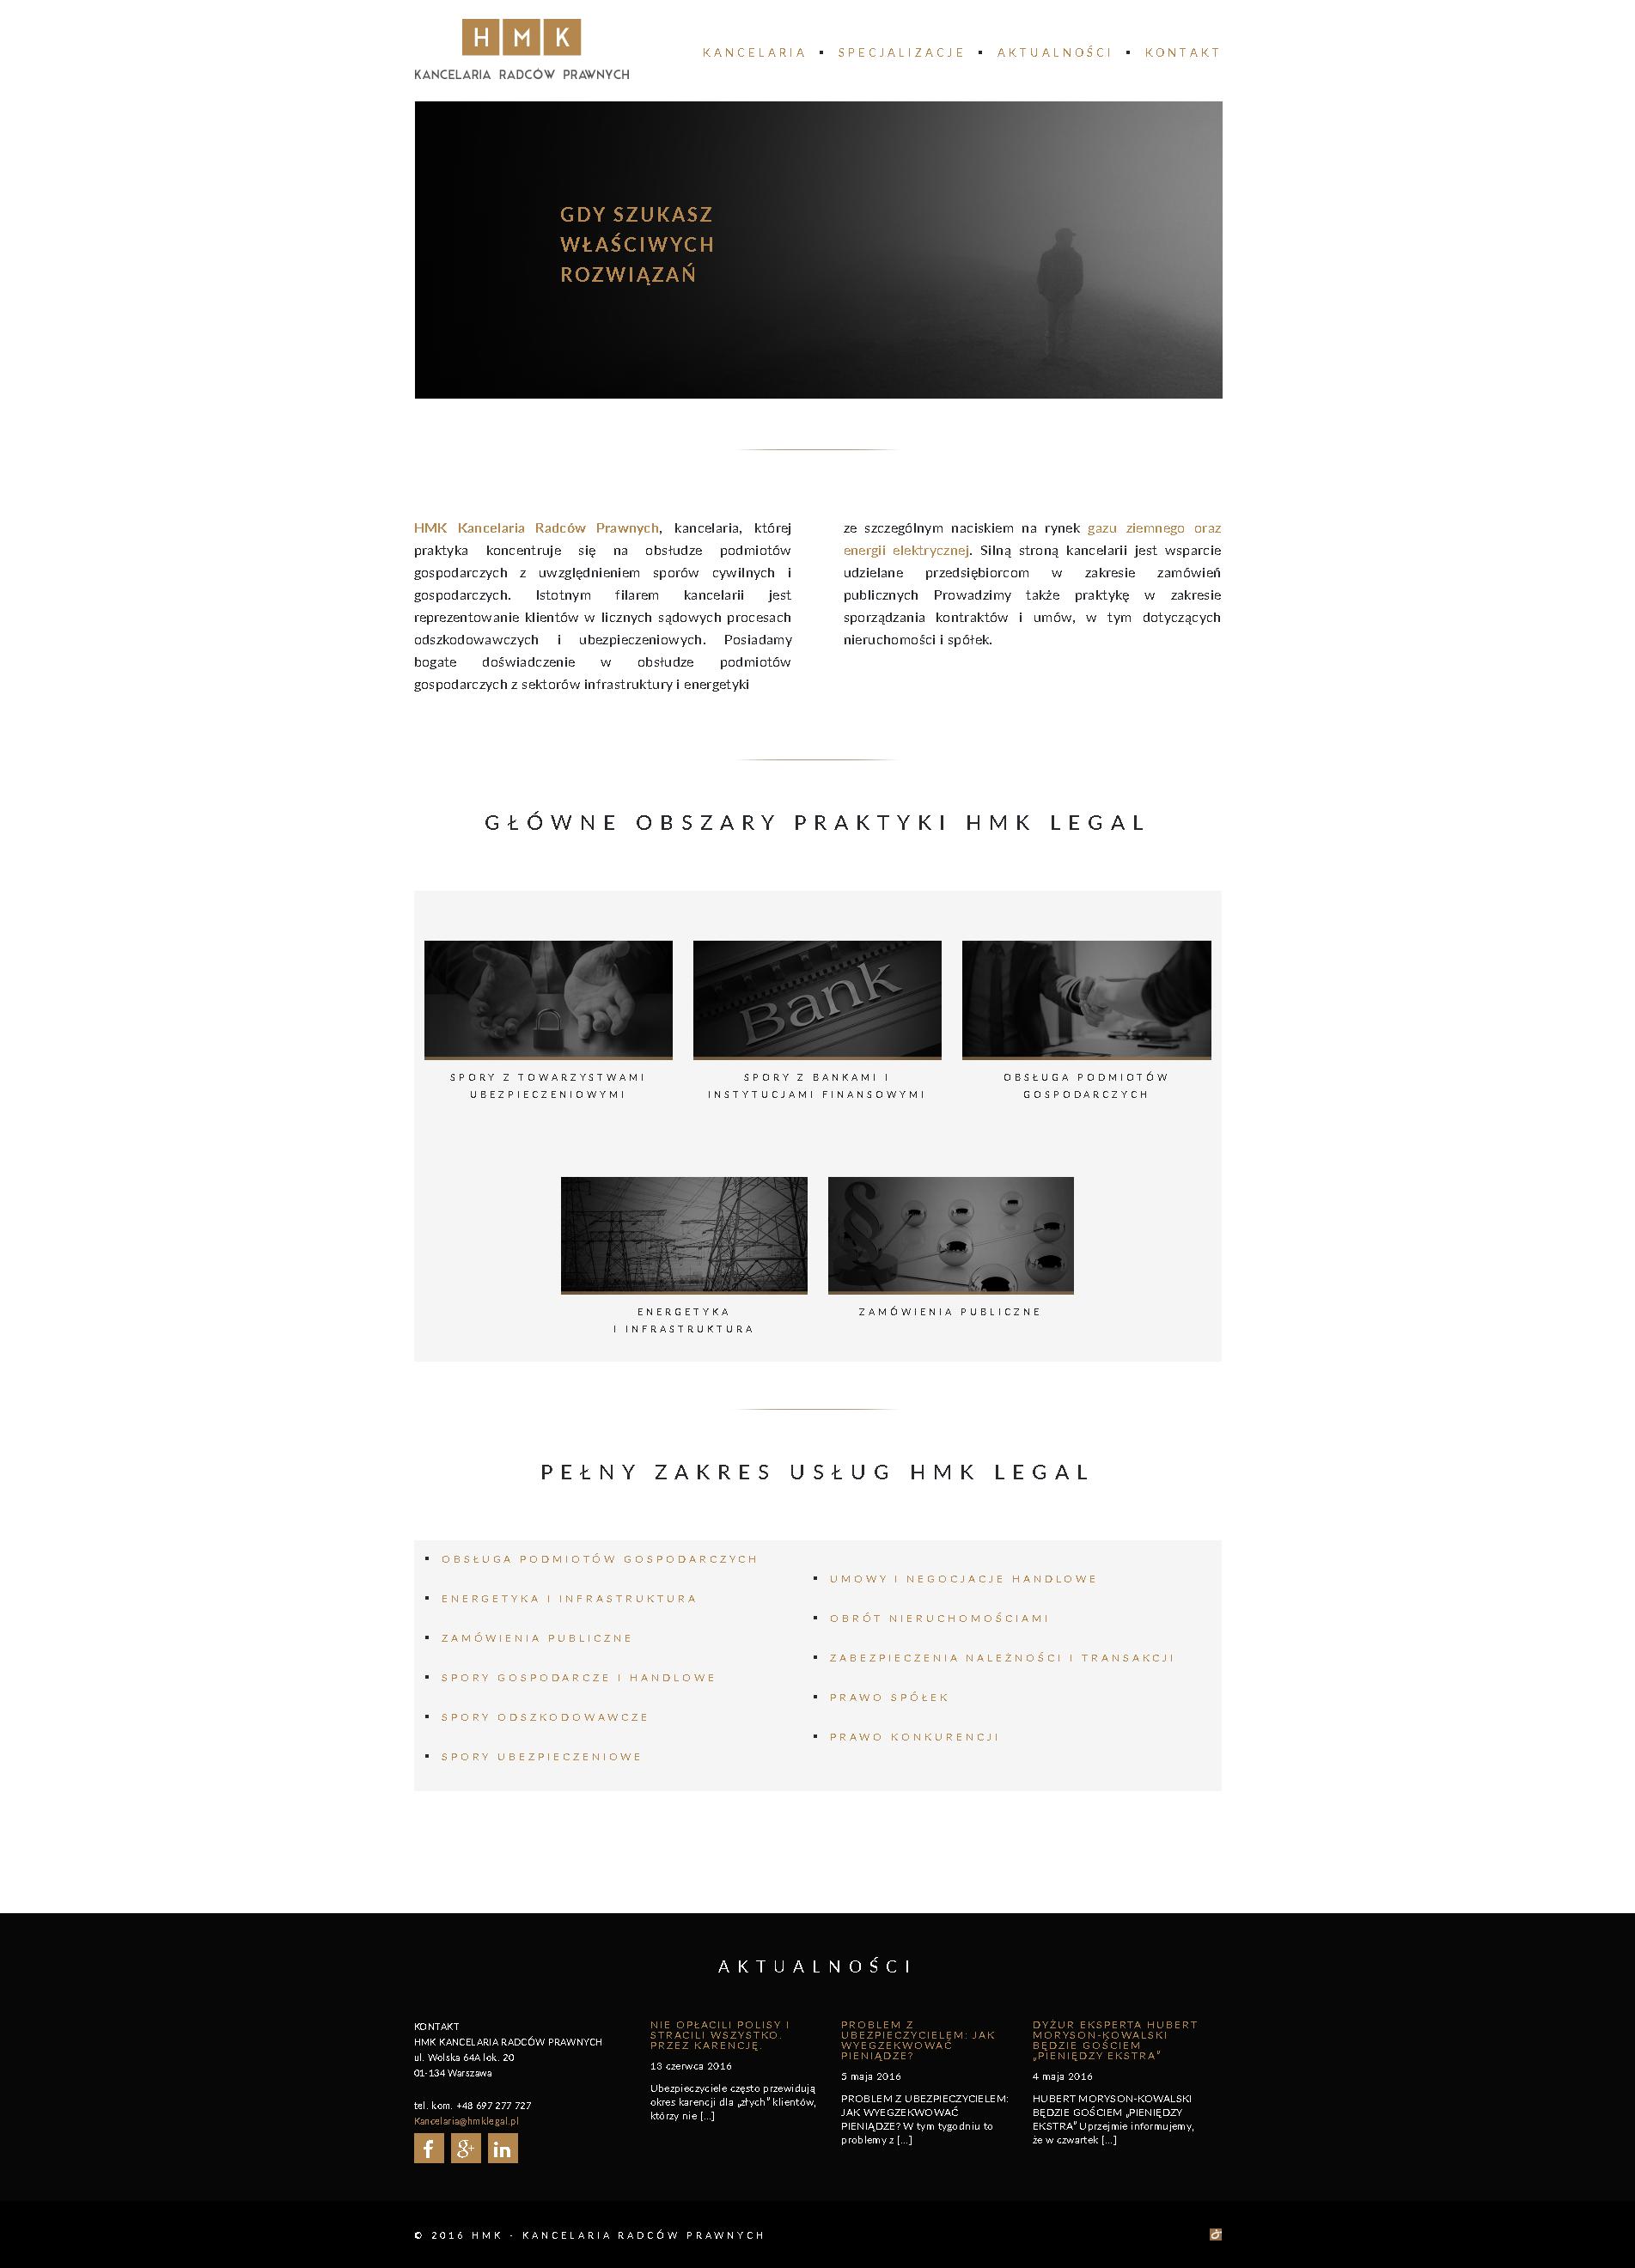 HMK Legal Kancelaria Radców Prawnych strona internetowa - bzb effective brand solutions